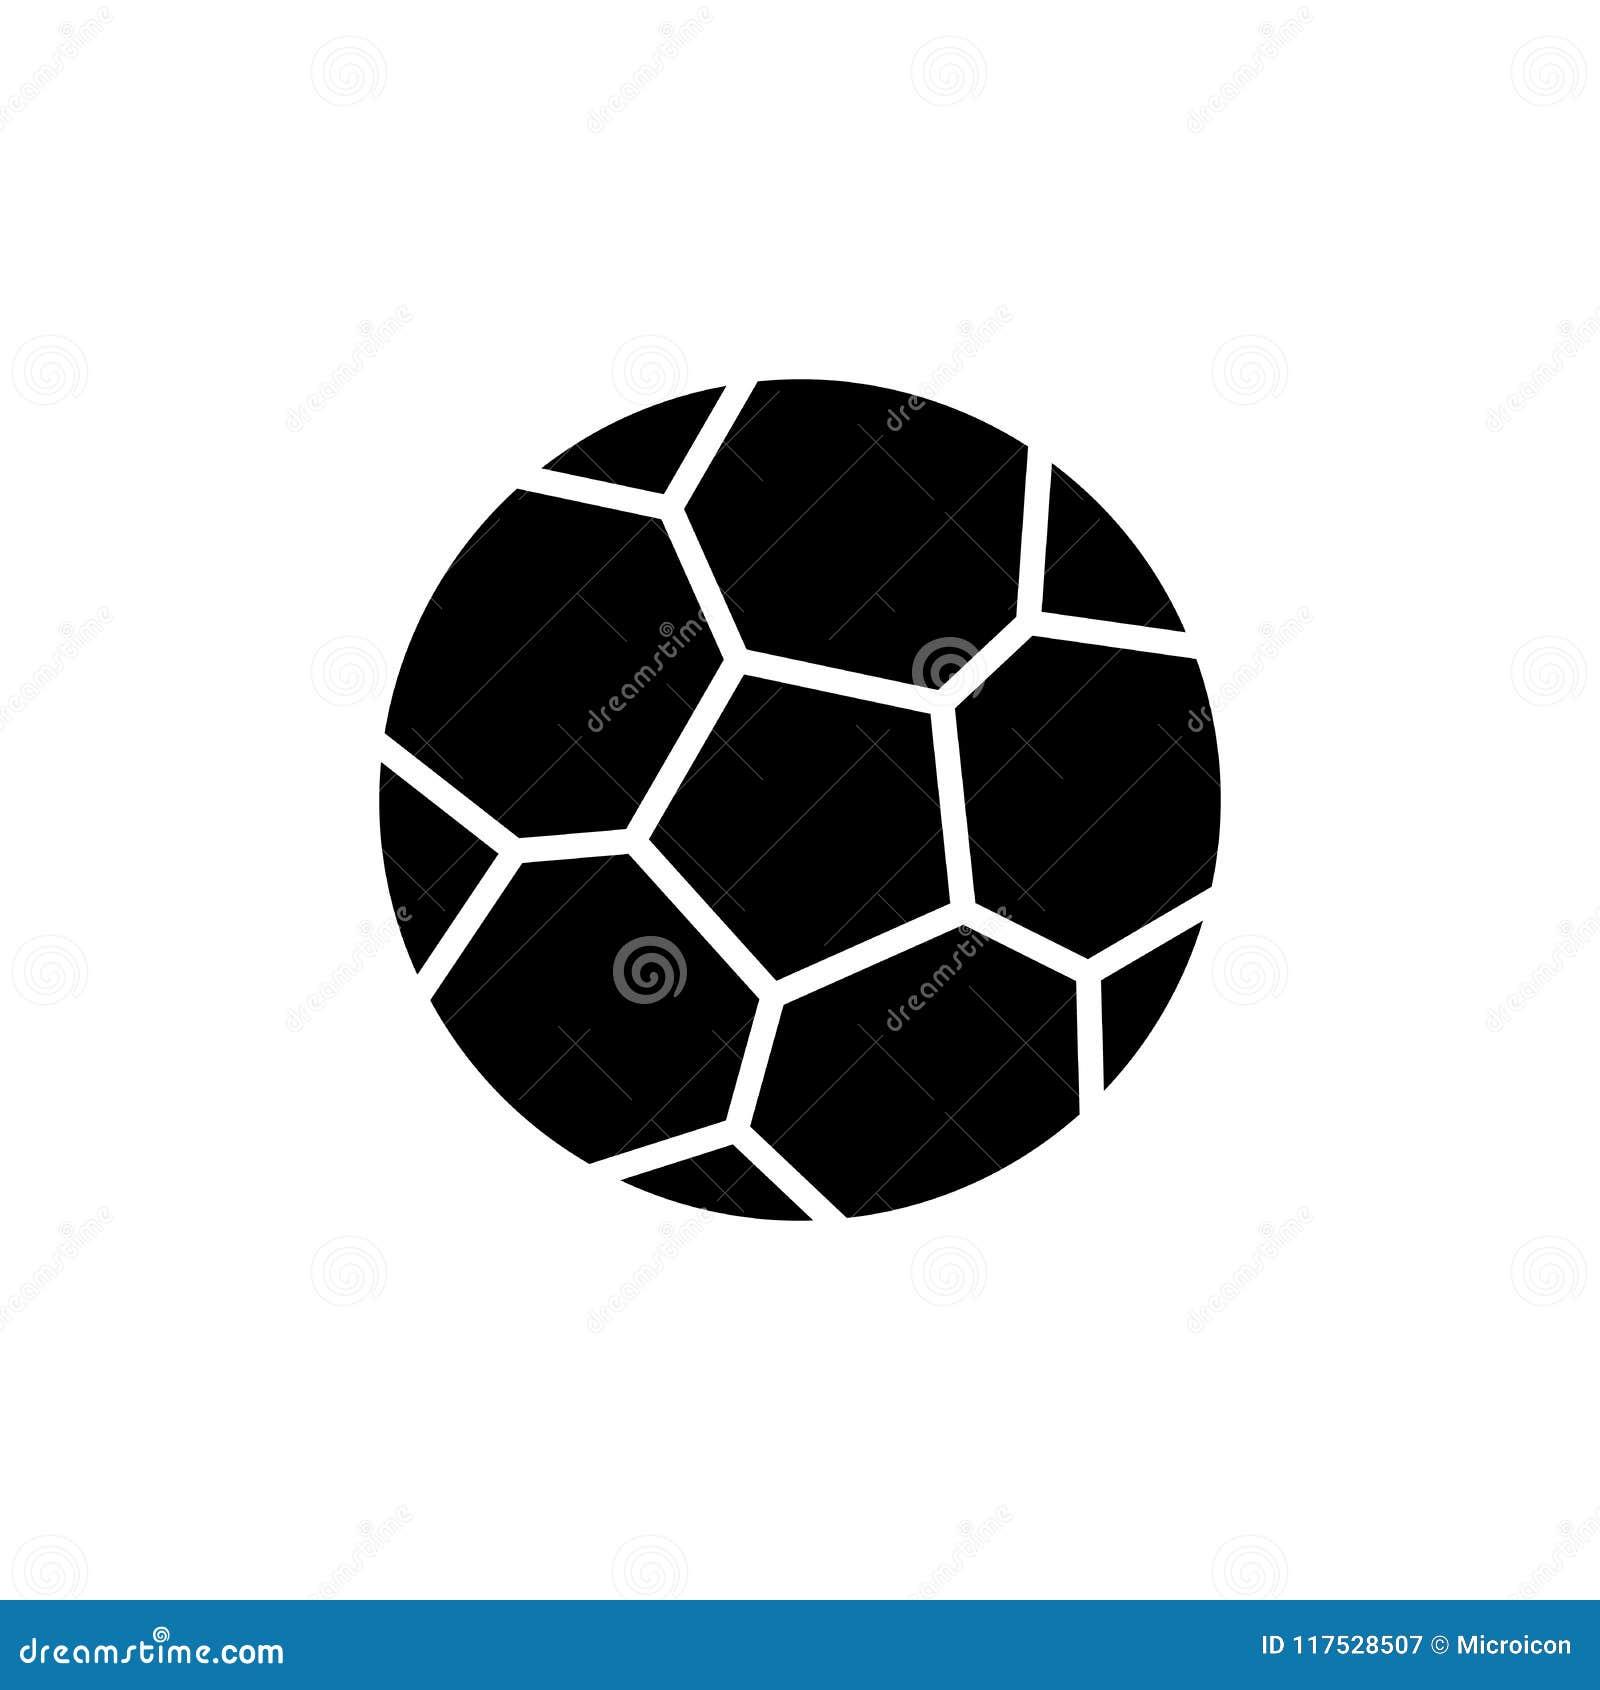 Μαύρη έννοια εικονιδίων παιχνιδιών ποδοσφαίρου Επίπεδο διανυσματικό σύμβολο παιχνιδιών ποδοσφαίρου, σημάδι, απεικόνιση